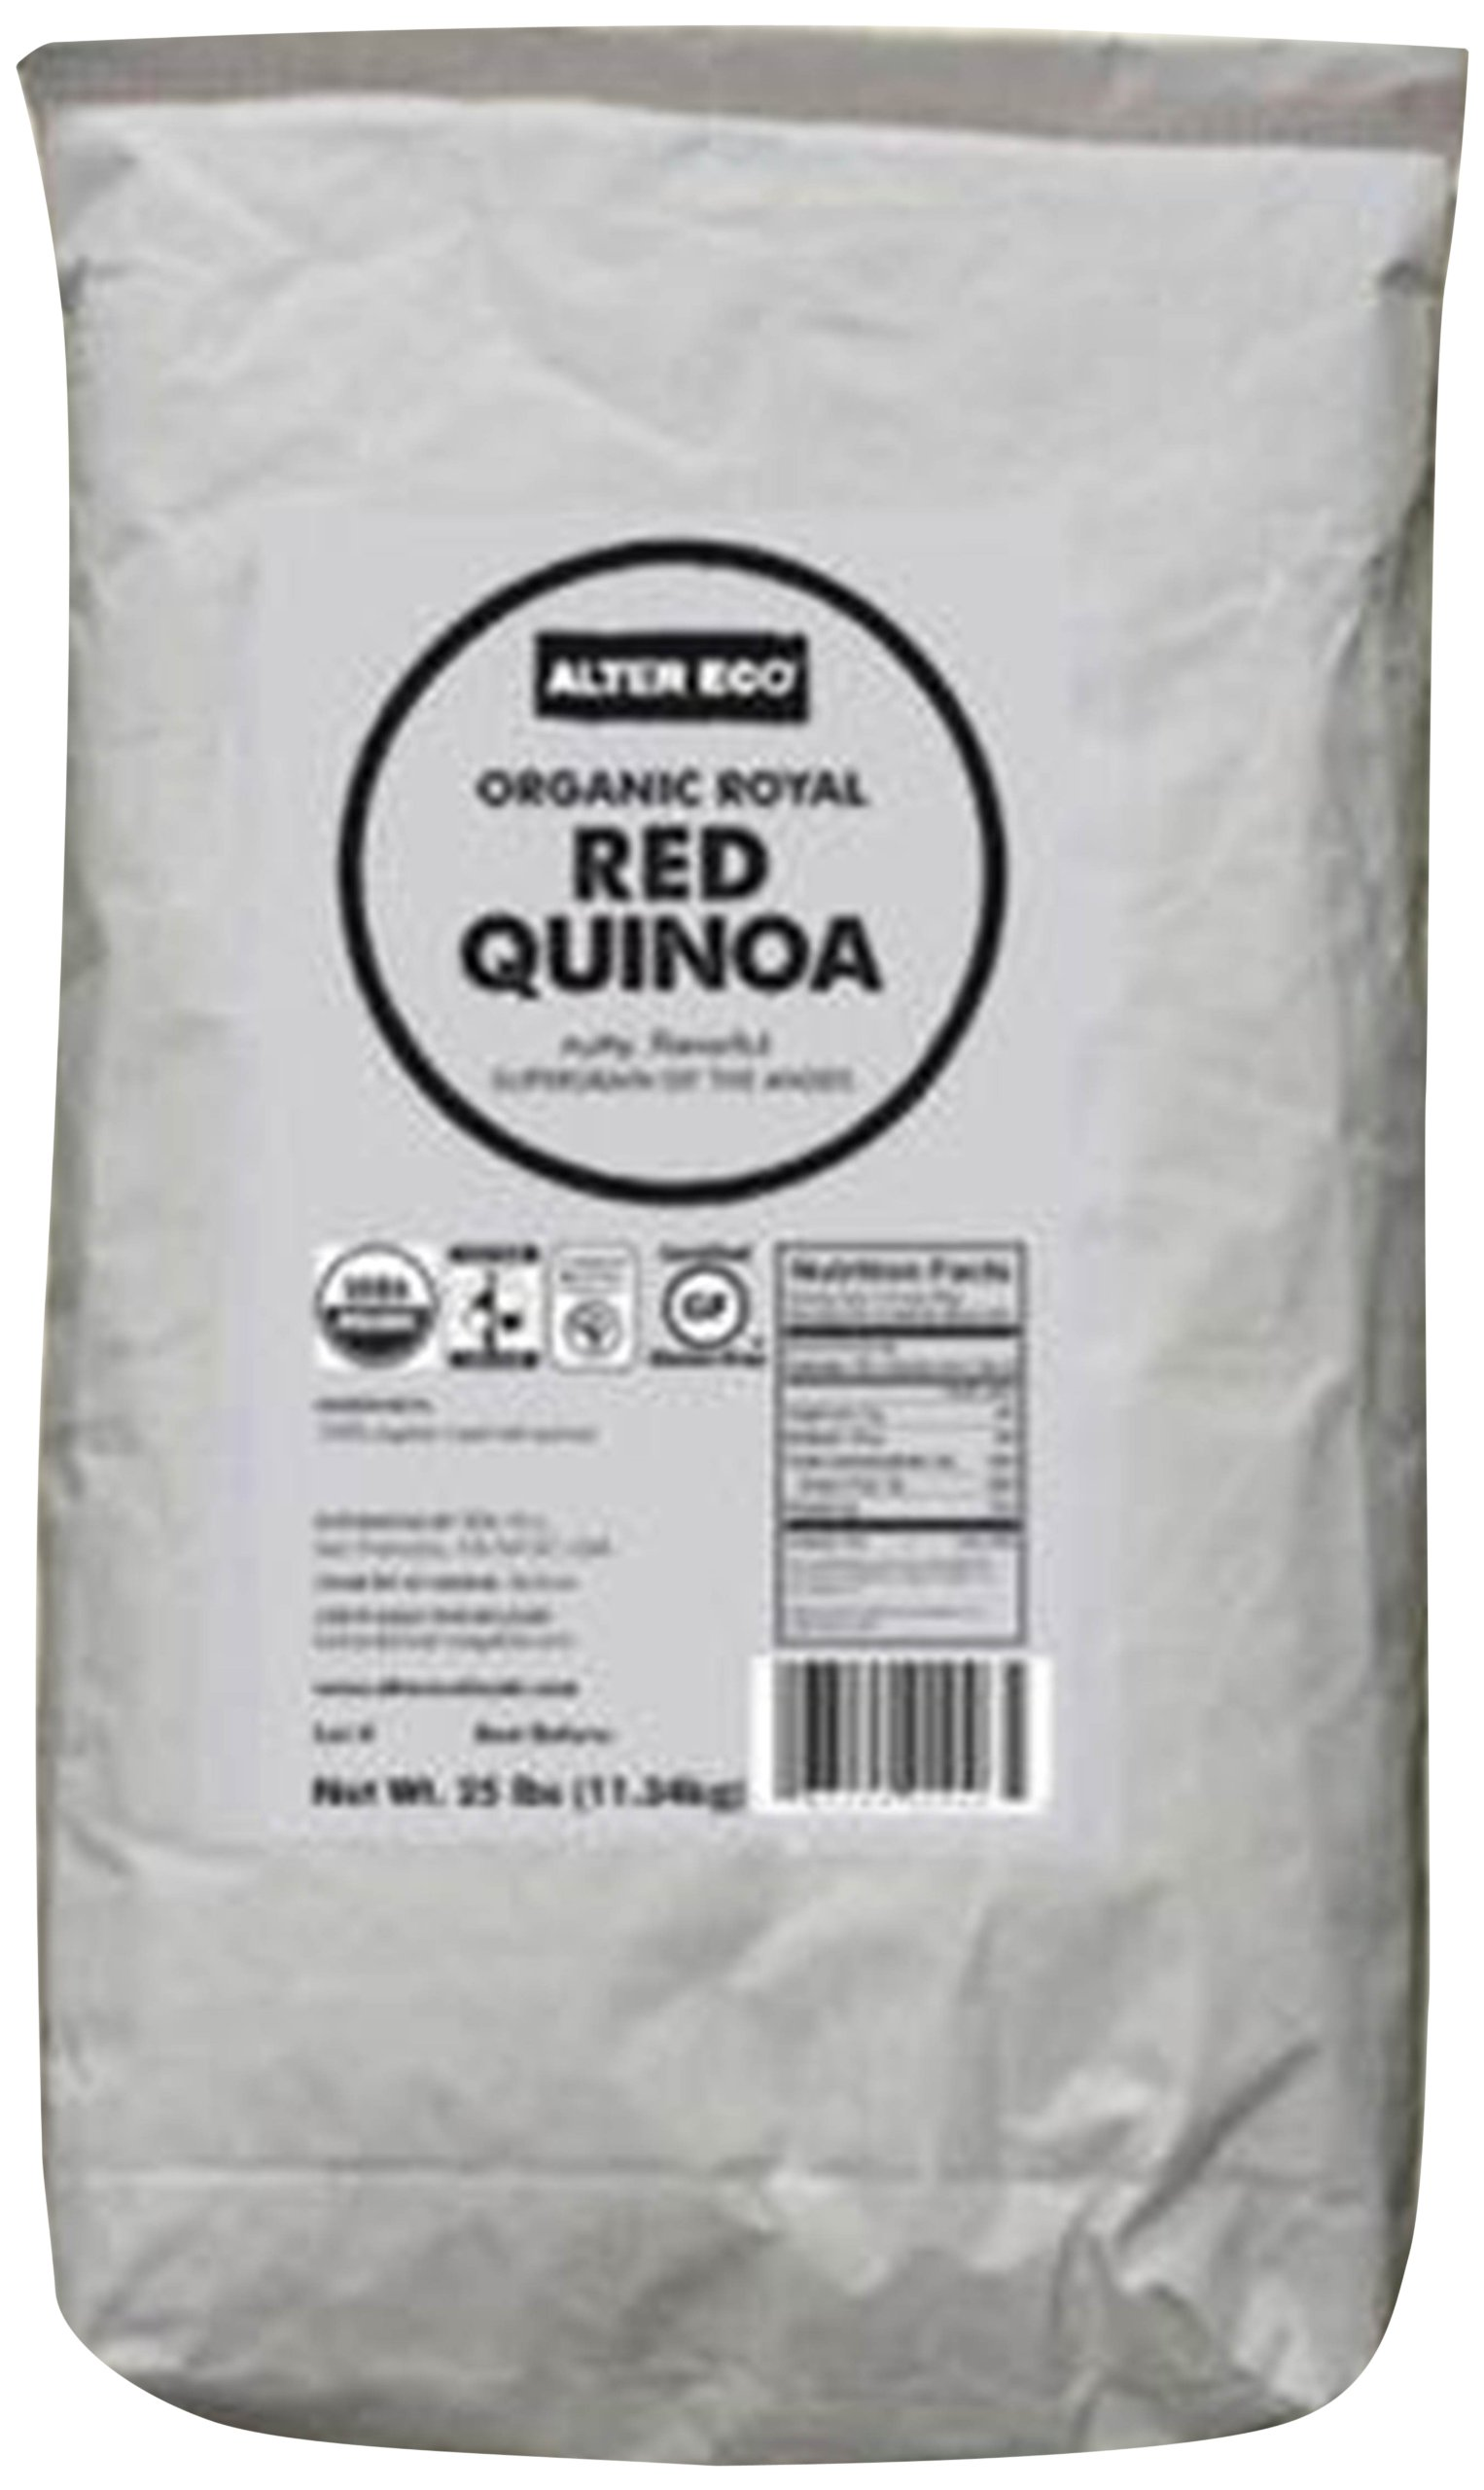 Alter Eco - Organic Royal Red Quinoa - 25 lb